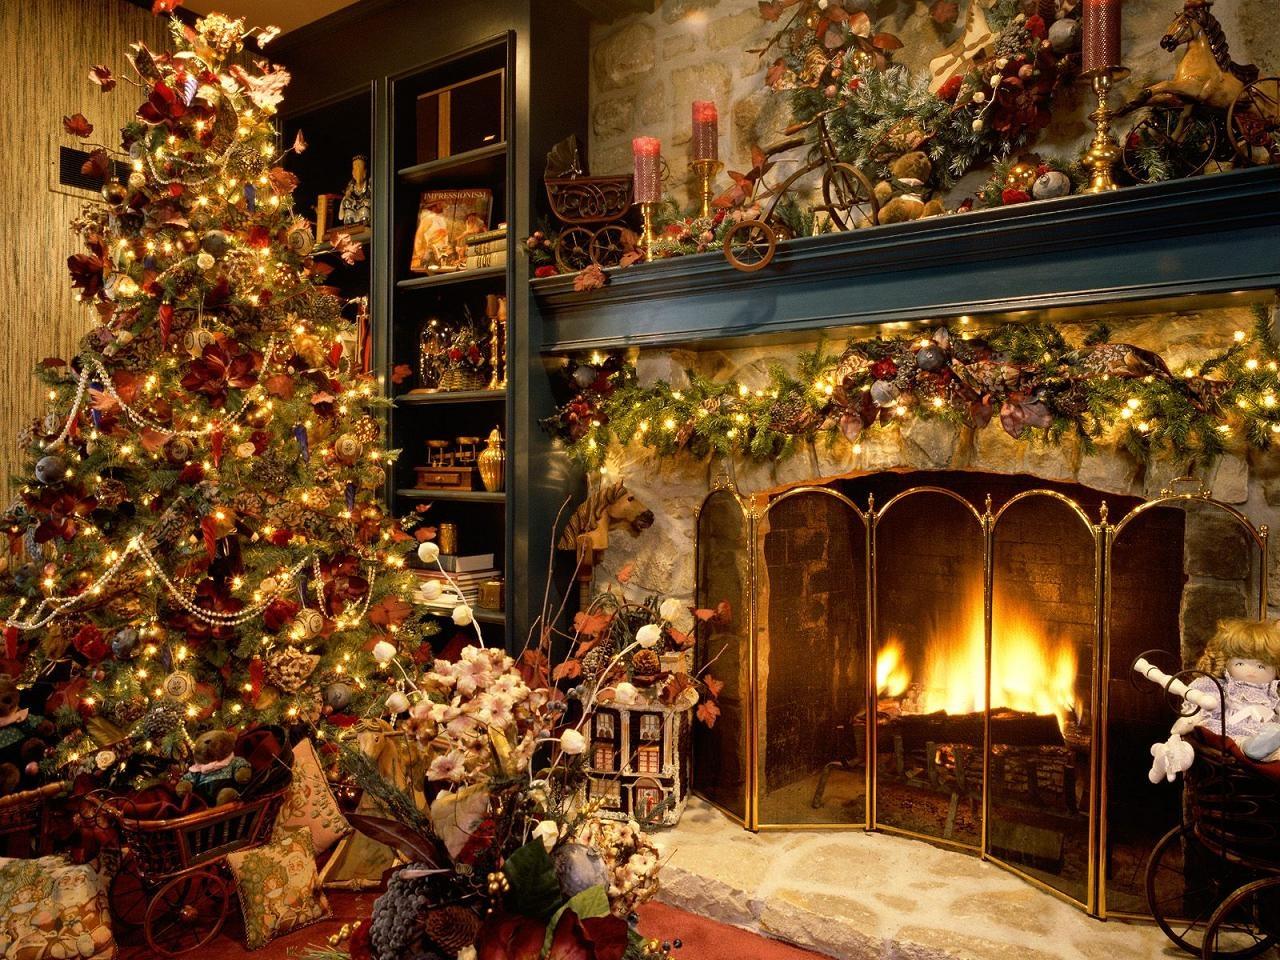 Ενοριακό Χριστουγεννιάτικο Πρόγραμμα 2016 - 2017